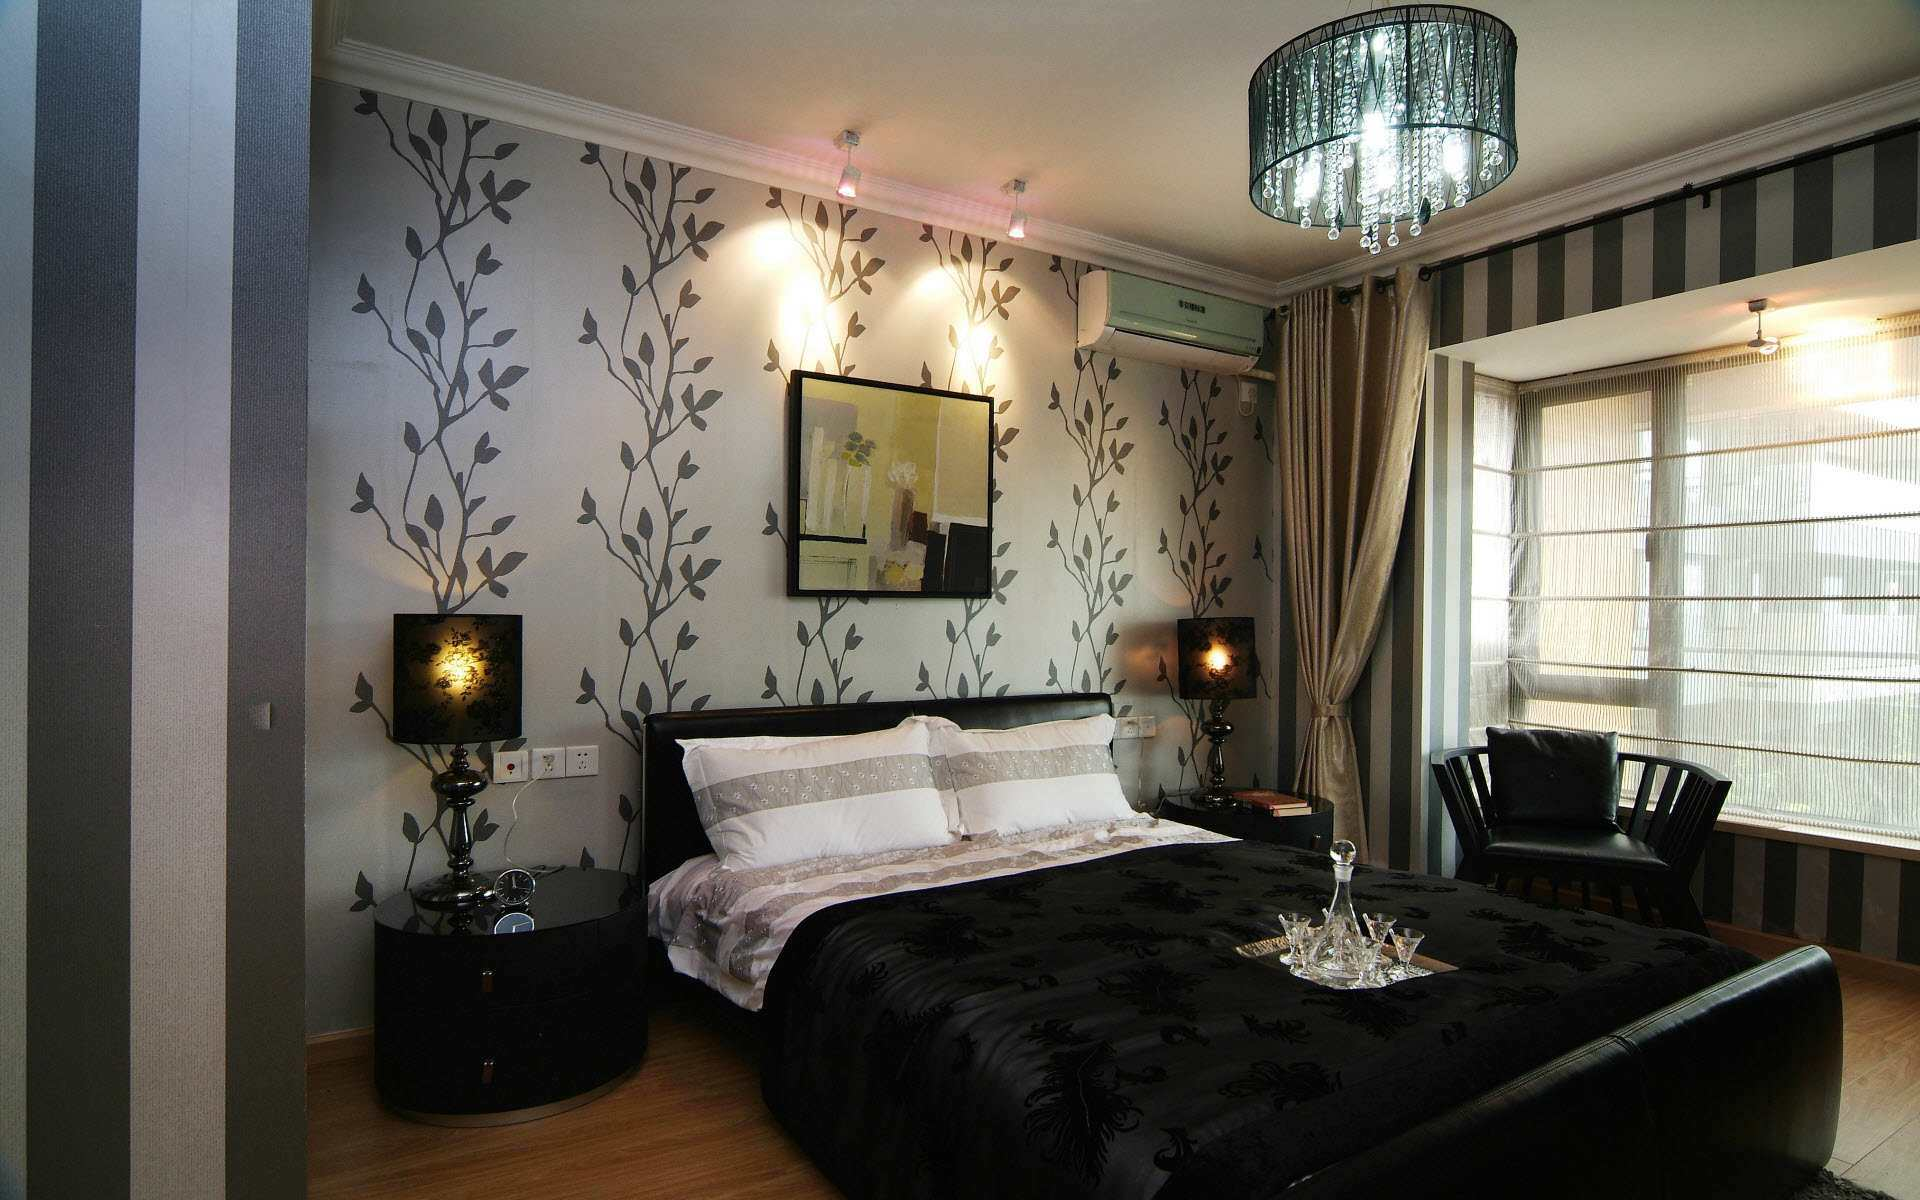 Два вида обоев с рисунком растения и простой полоской создают ощущения комфорта в спалне